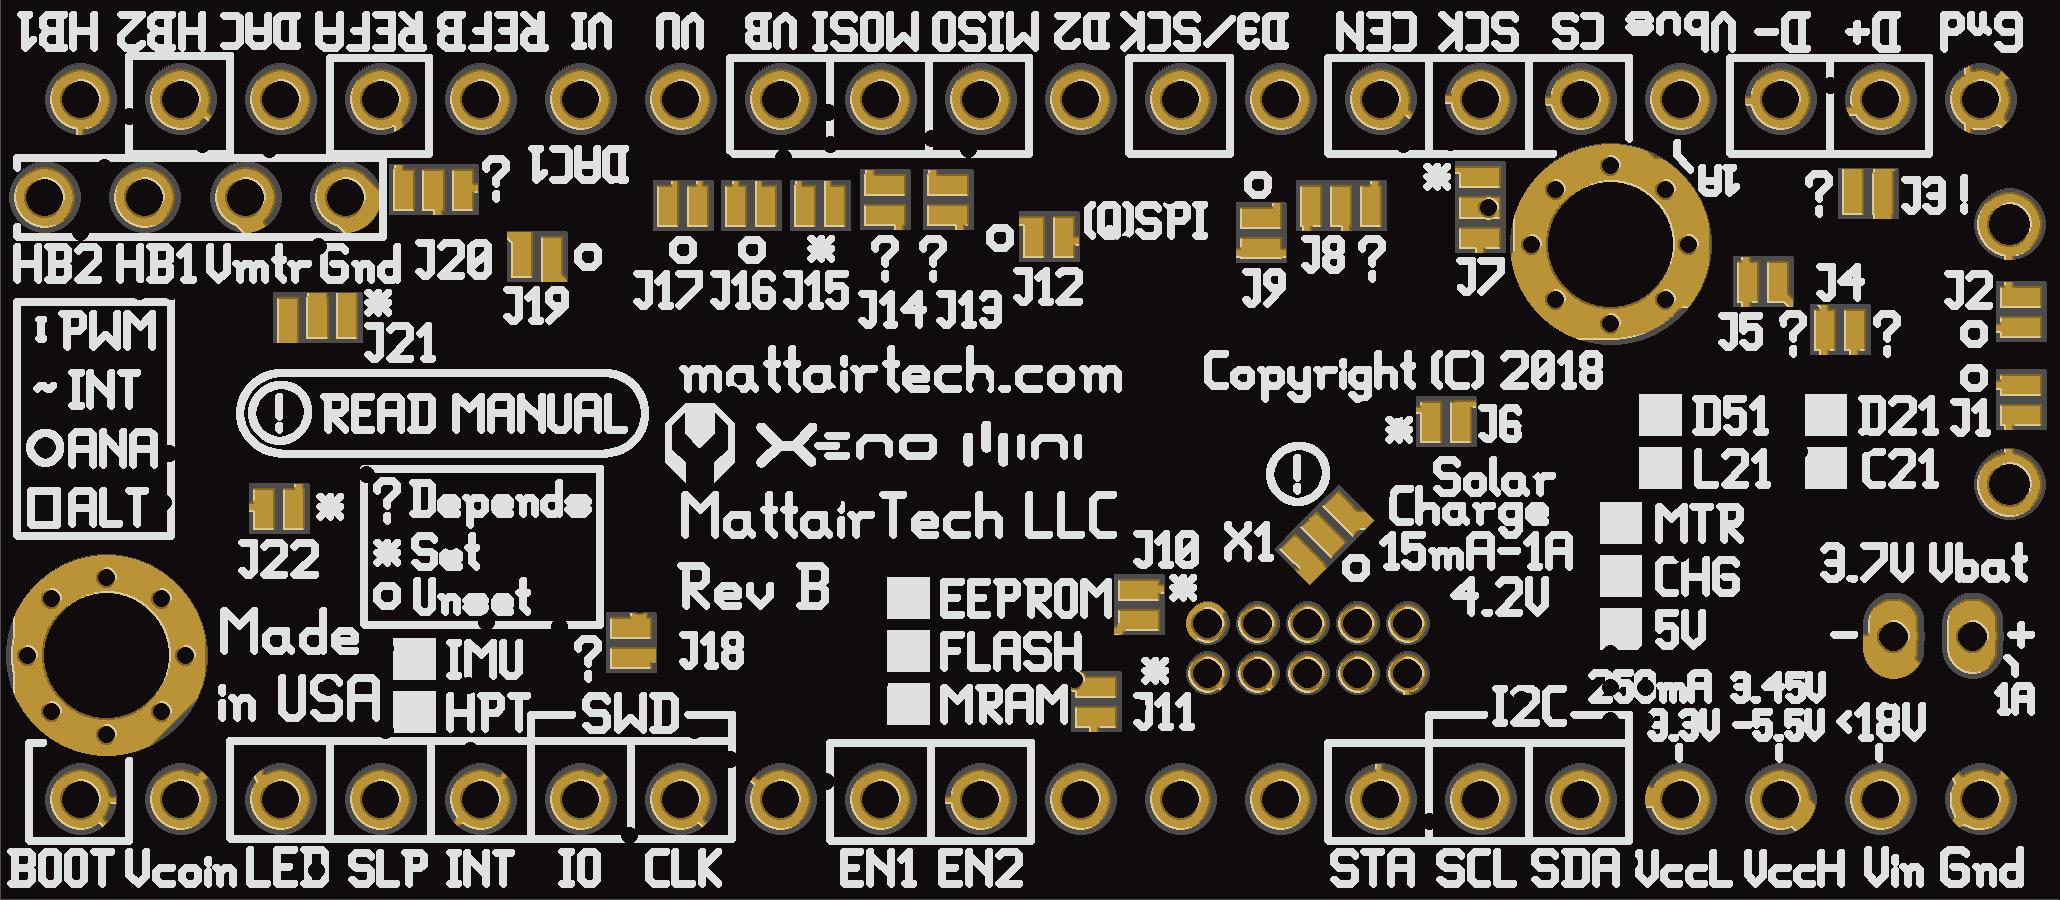 Xeno Mini - SAMD51 / D21 / L21 / C21 USB development board